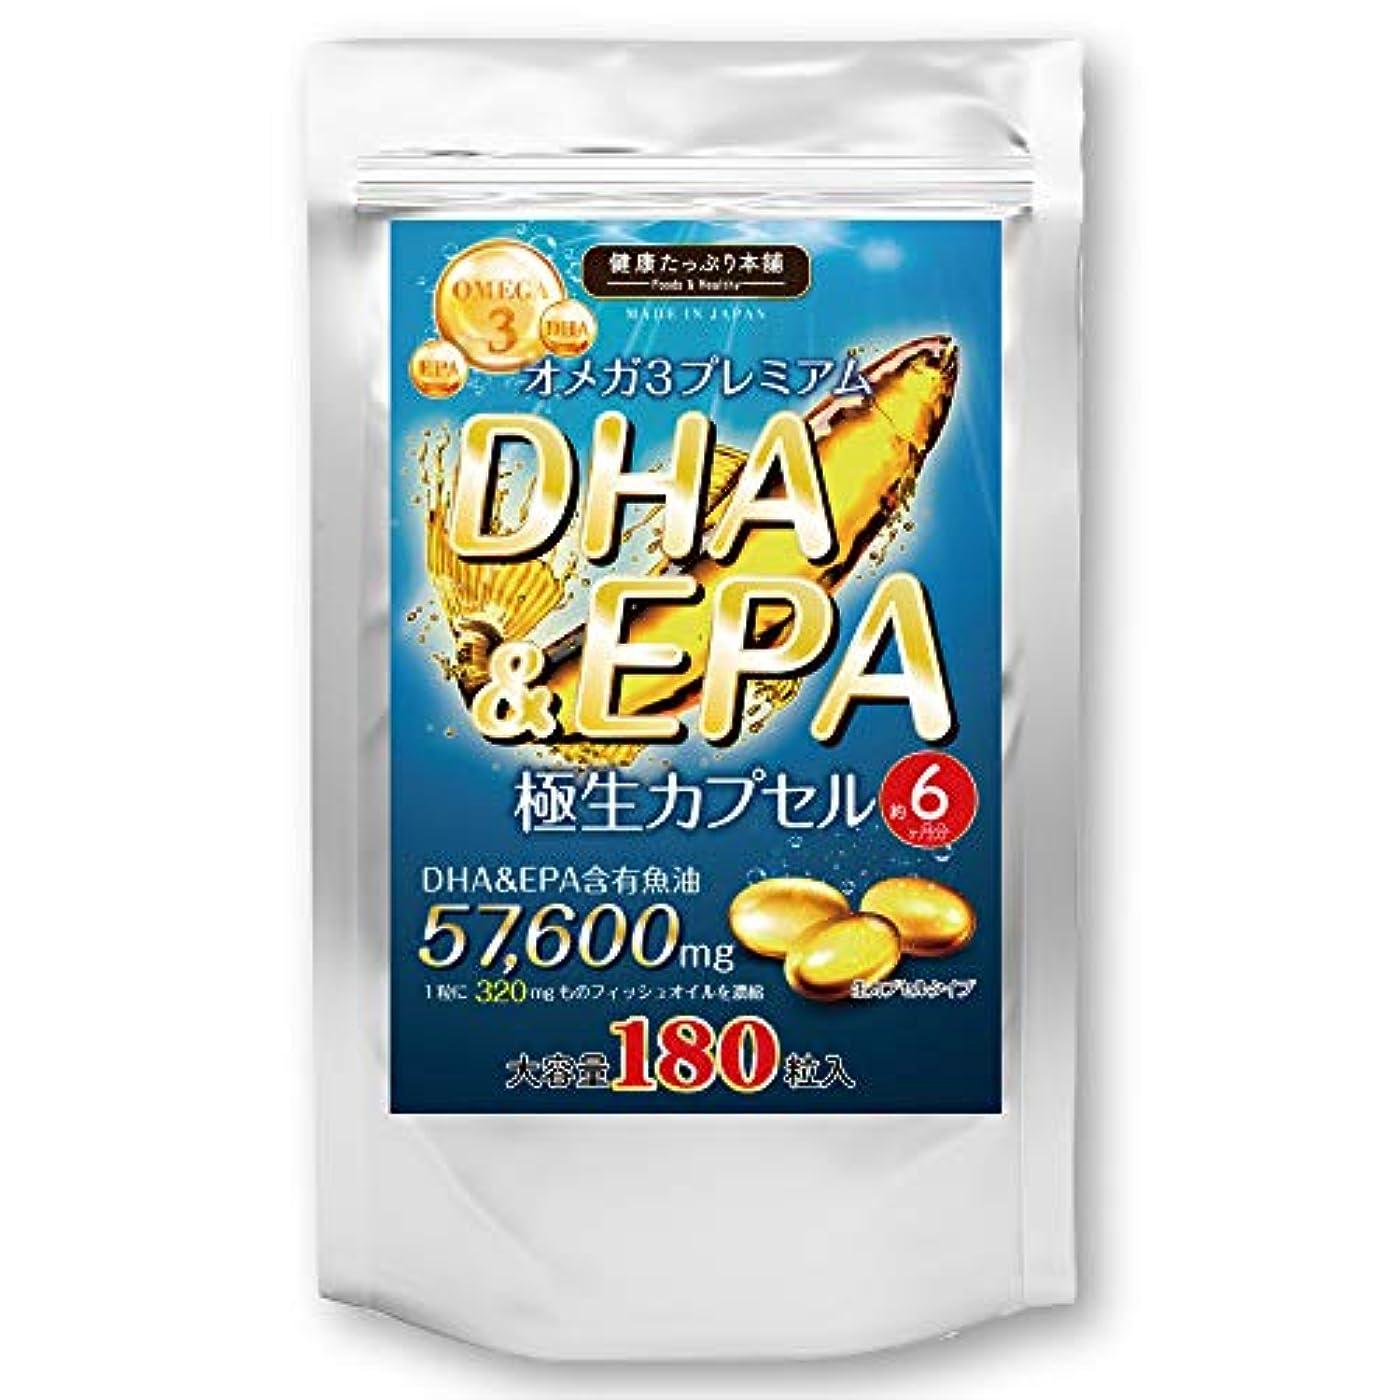 正確さ感性クライストチャーチオメガ3プレミアム DHA&EPA 極生ソフトカプセル 大容量約6ヶ月分/180粒(DHA含有魚油?EPA含有魚油)